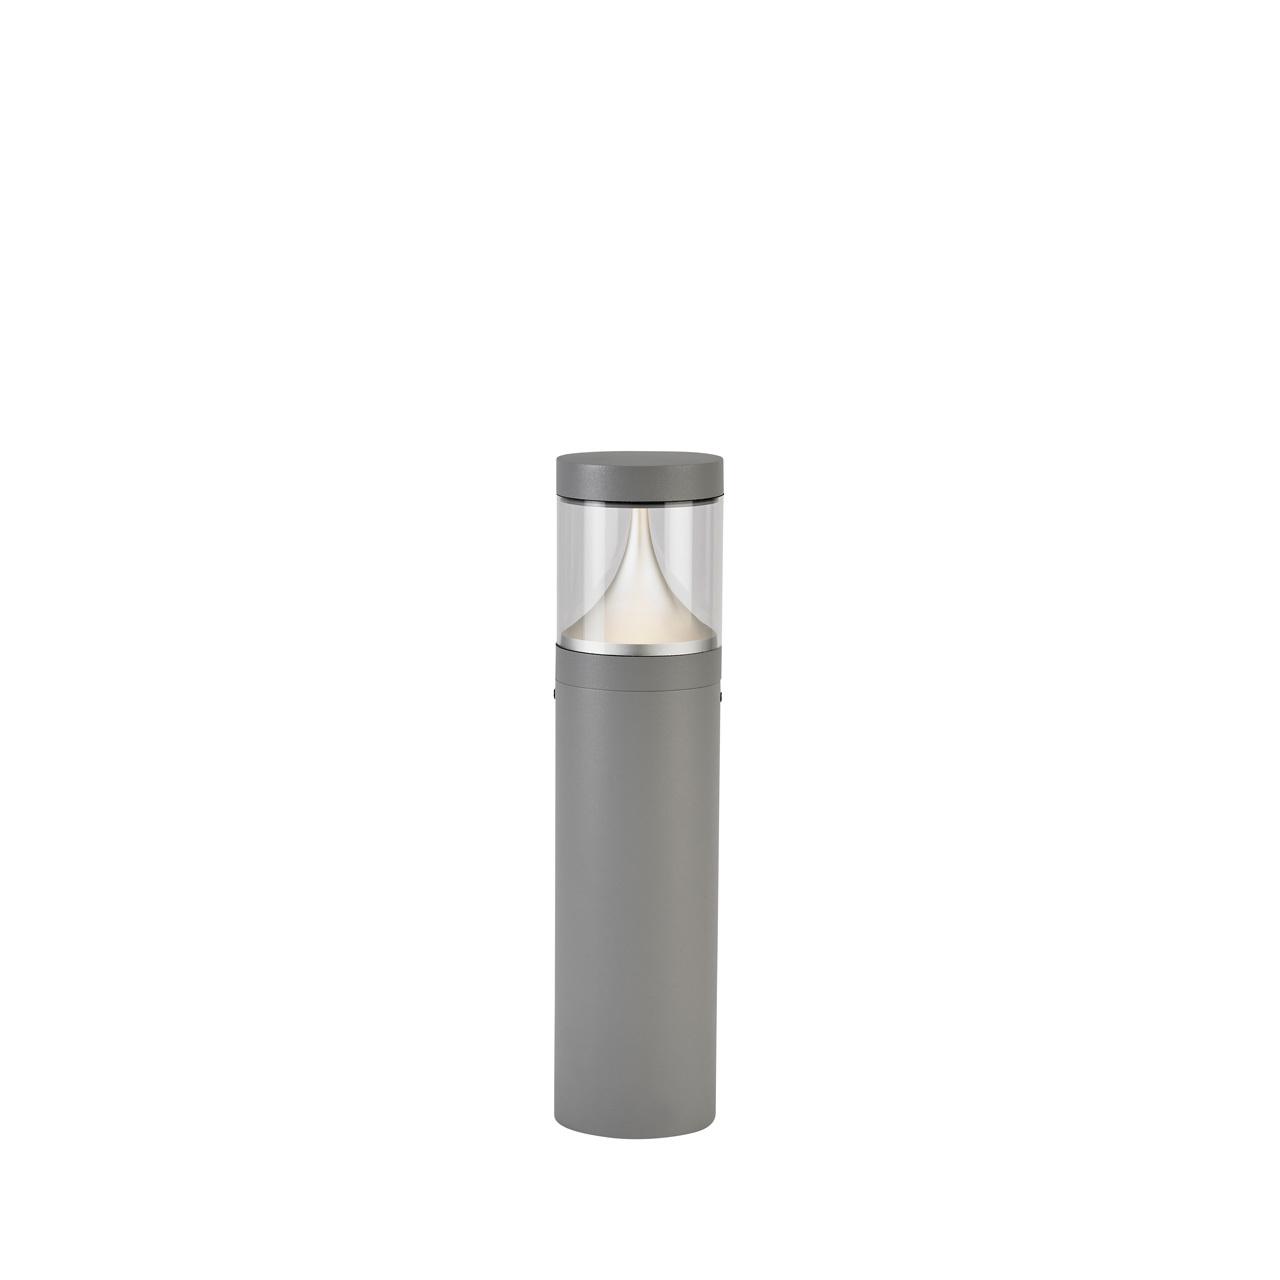 Słupek ogrodowy EGERSUND MINI 49CM LED 1291AL -Norlys  SPRAWDŹ RABATY  5-10-15-20 % w koszyku